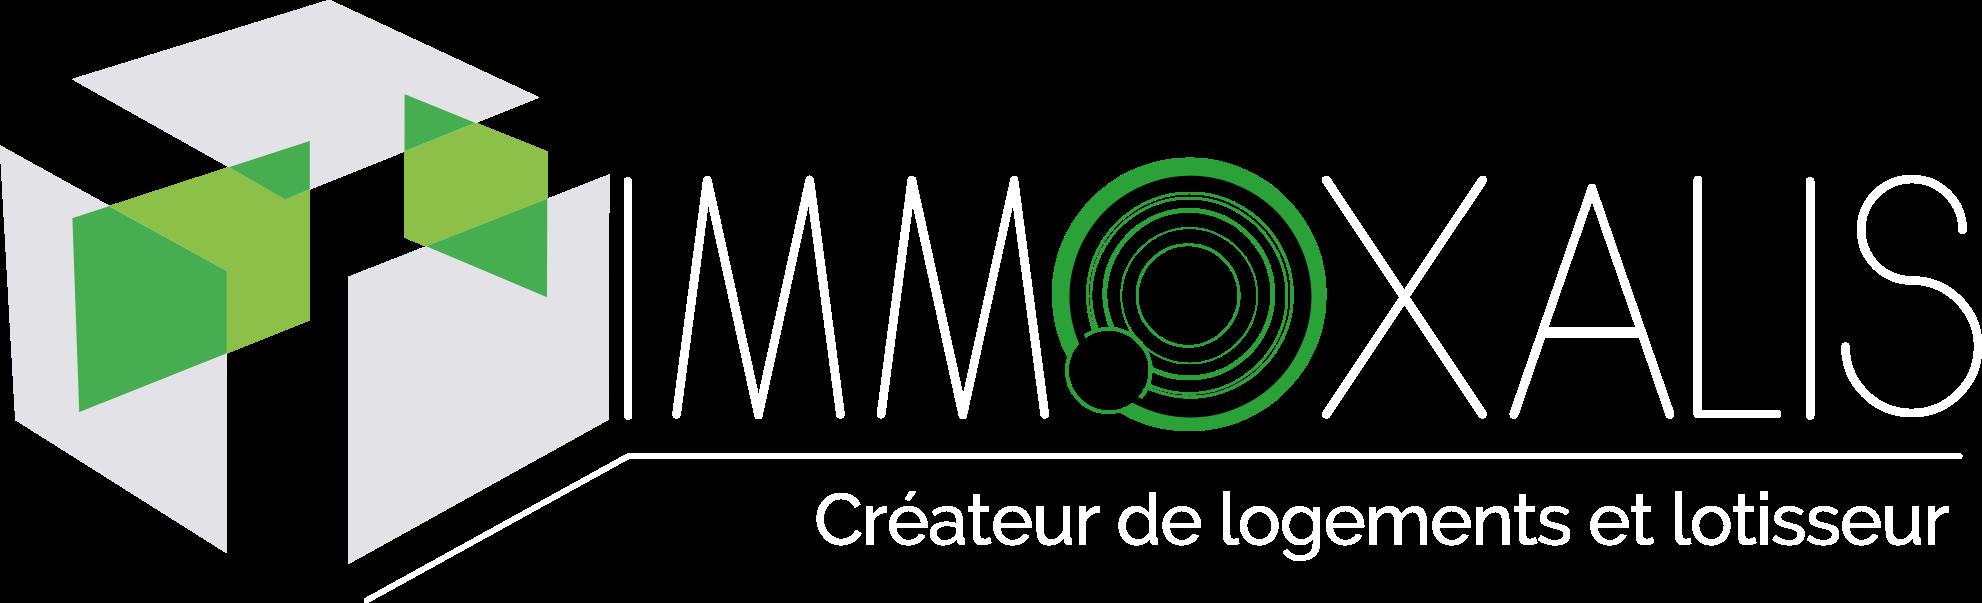 Immoxalis   Créateur Immobilier